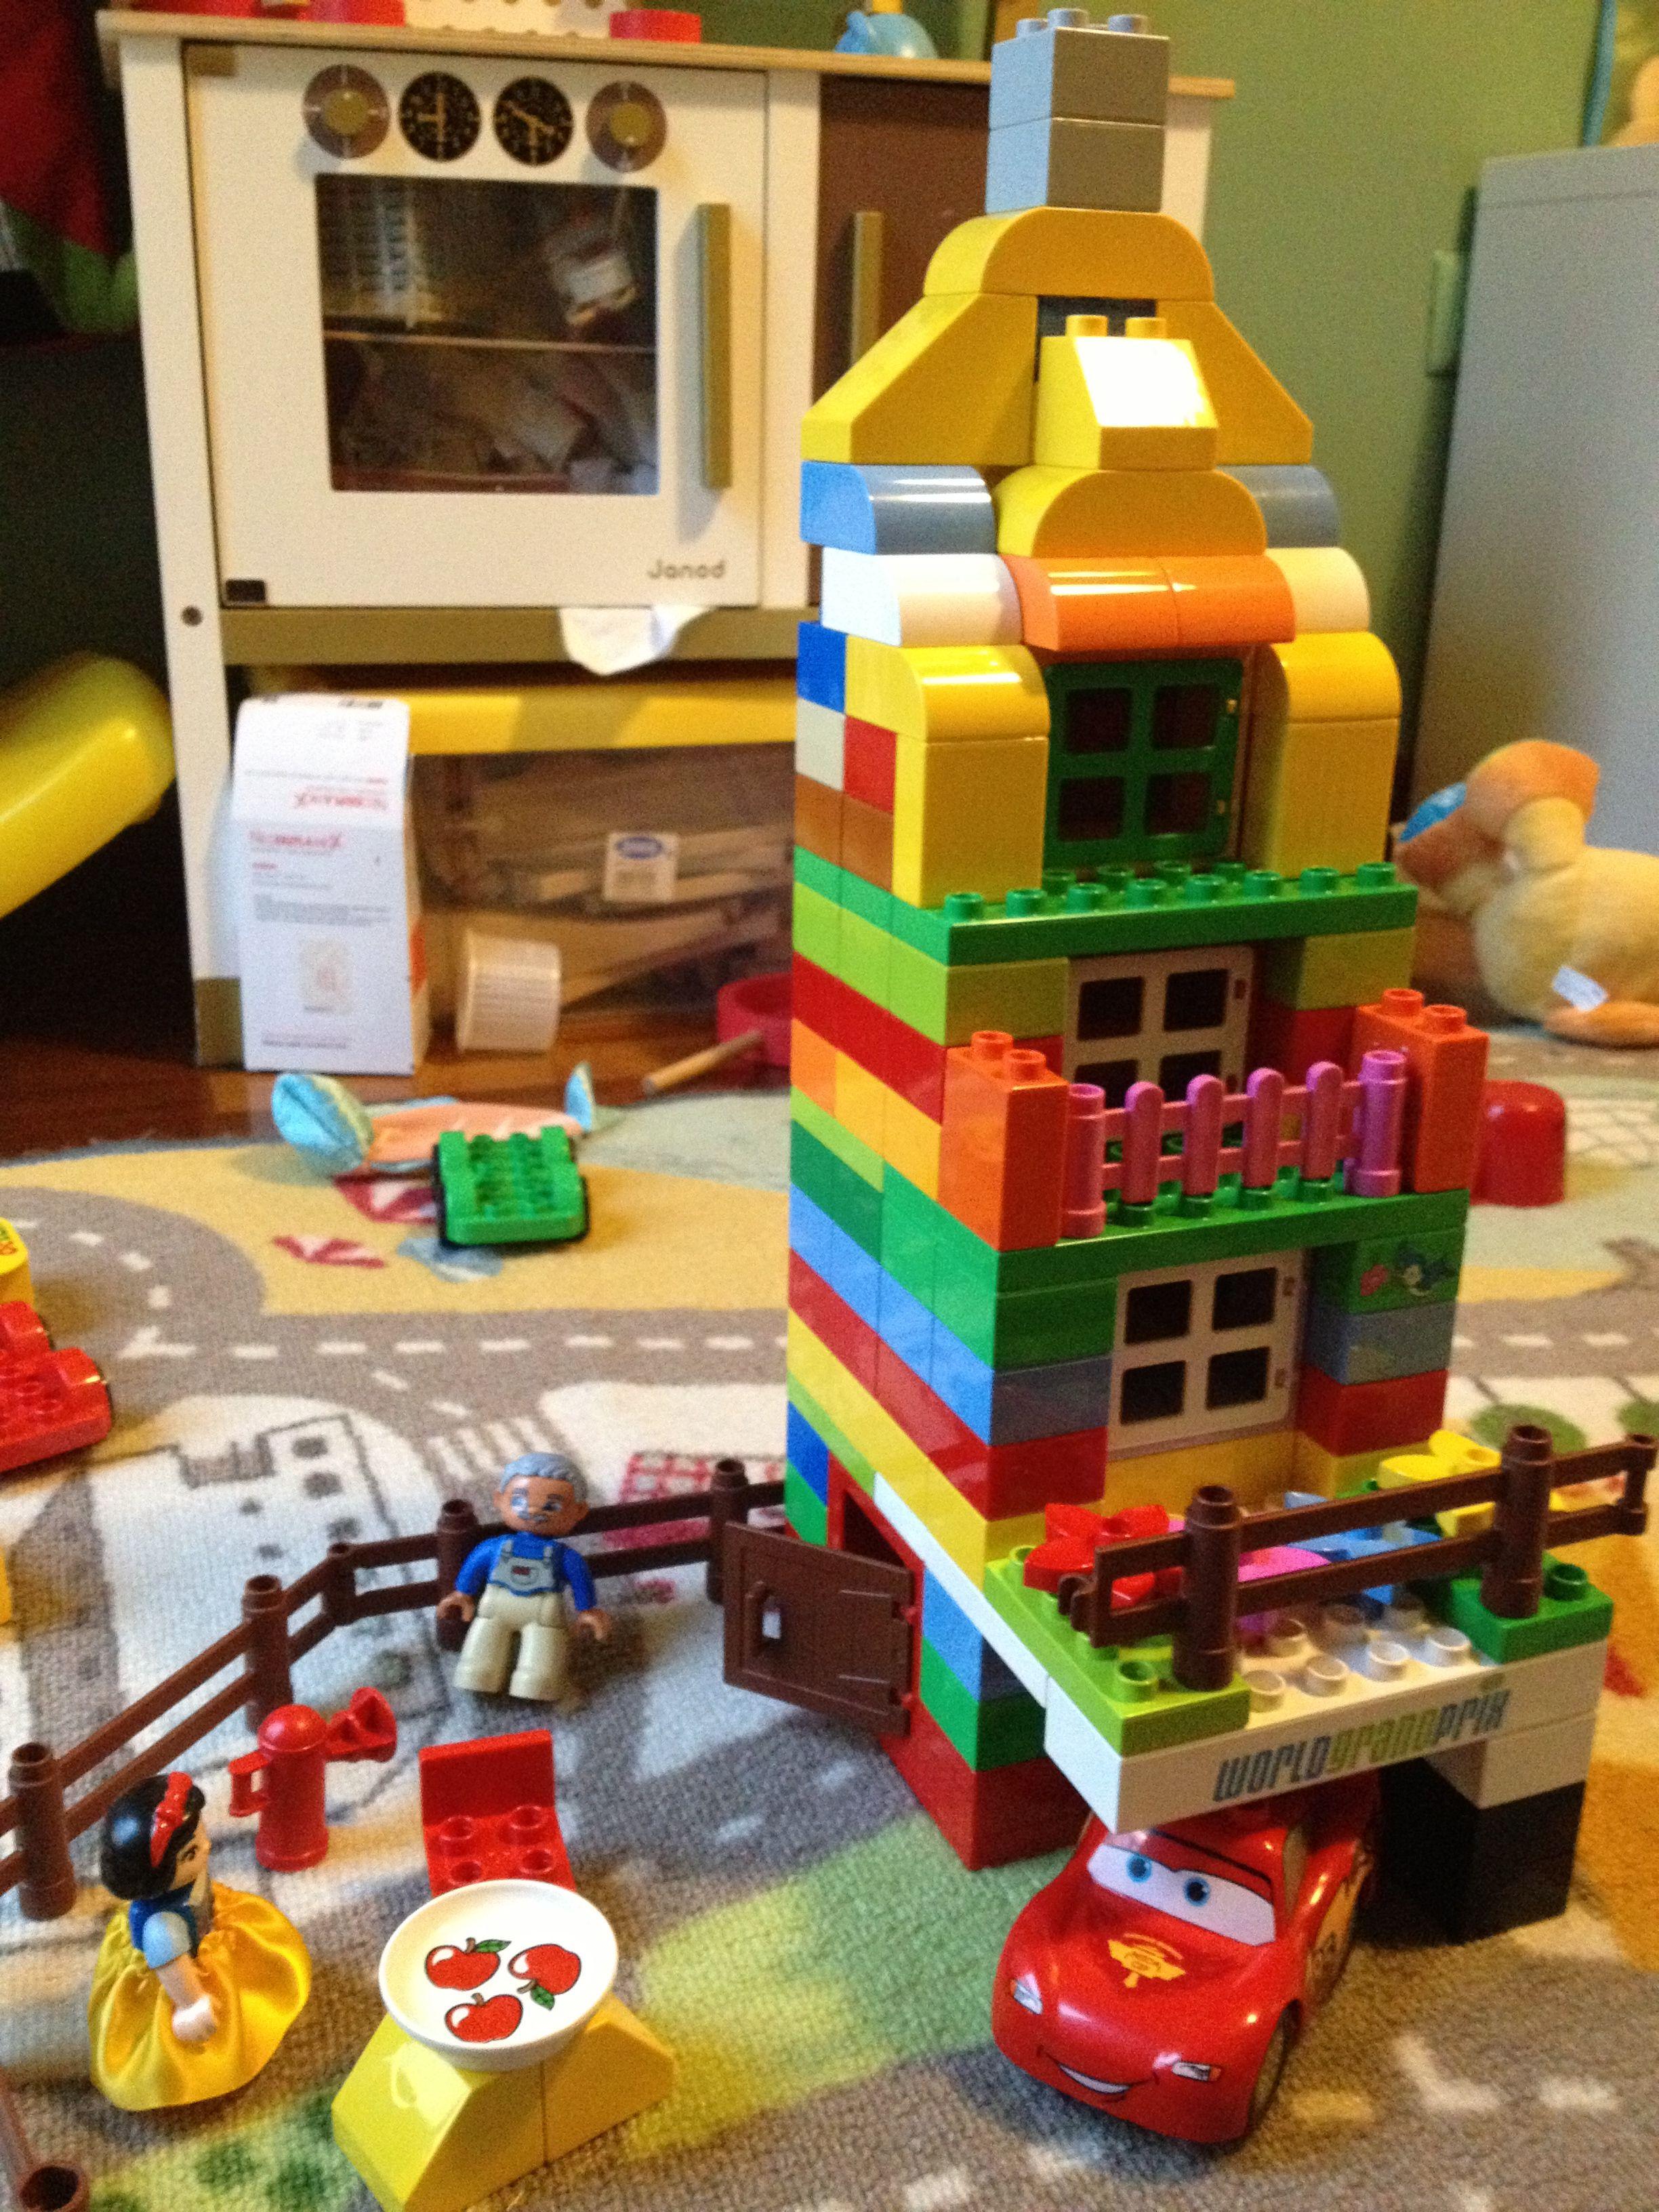 Verrassend Lego Duplo 3: casa a tre piani con balconi e garage, abitata KQ-01